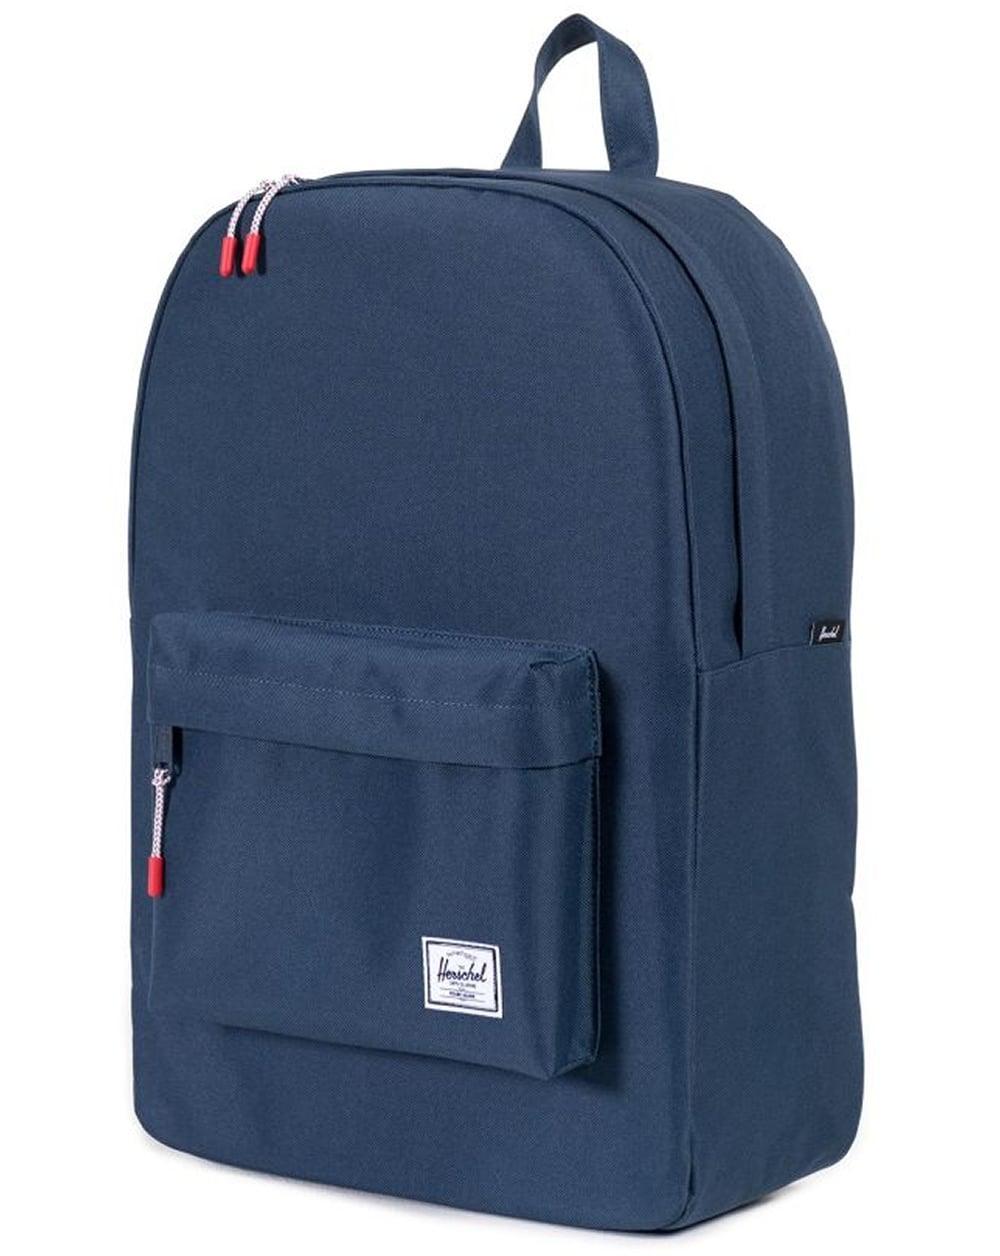 a409ab619bb9 Herschel Herschel Classic Backpack Navy